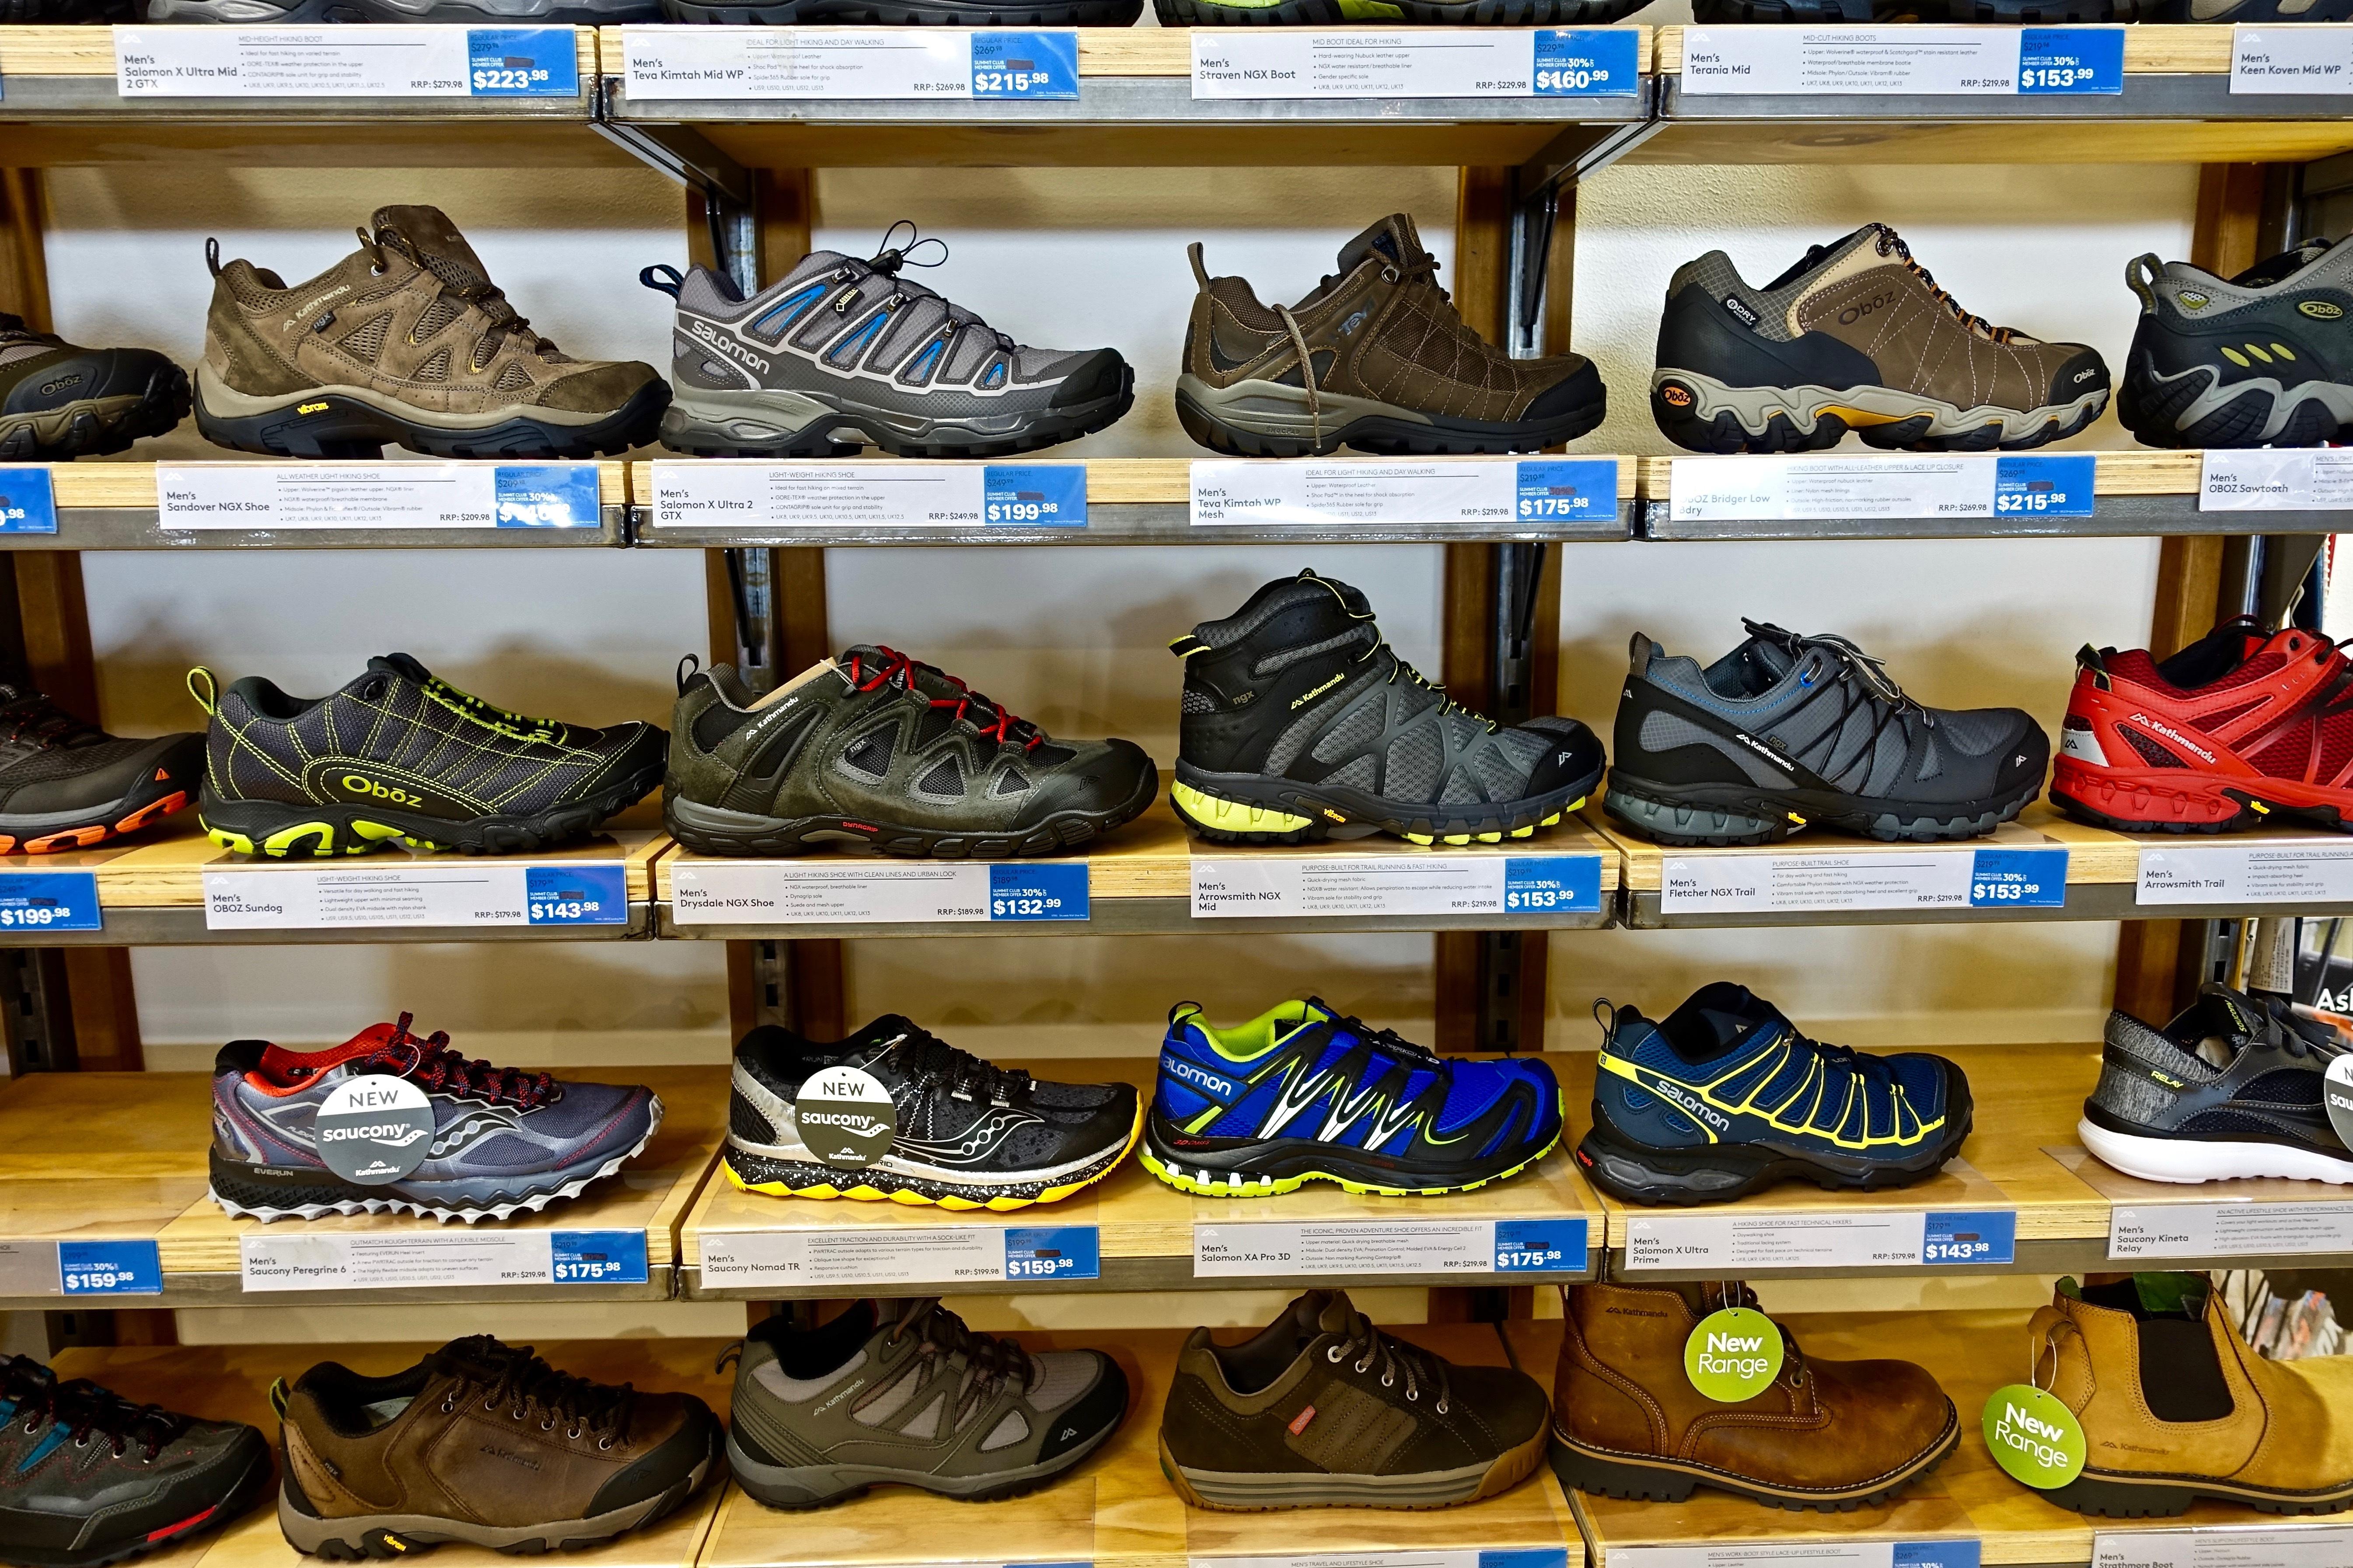 704f7f10c7 zapato colección estante estante compras habitación Zapatos botas calzado  supermercado Al por menor